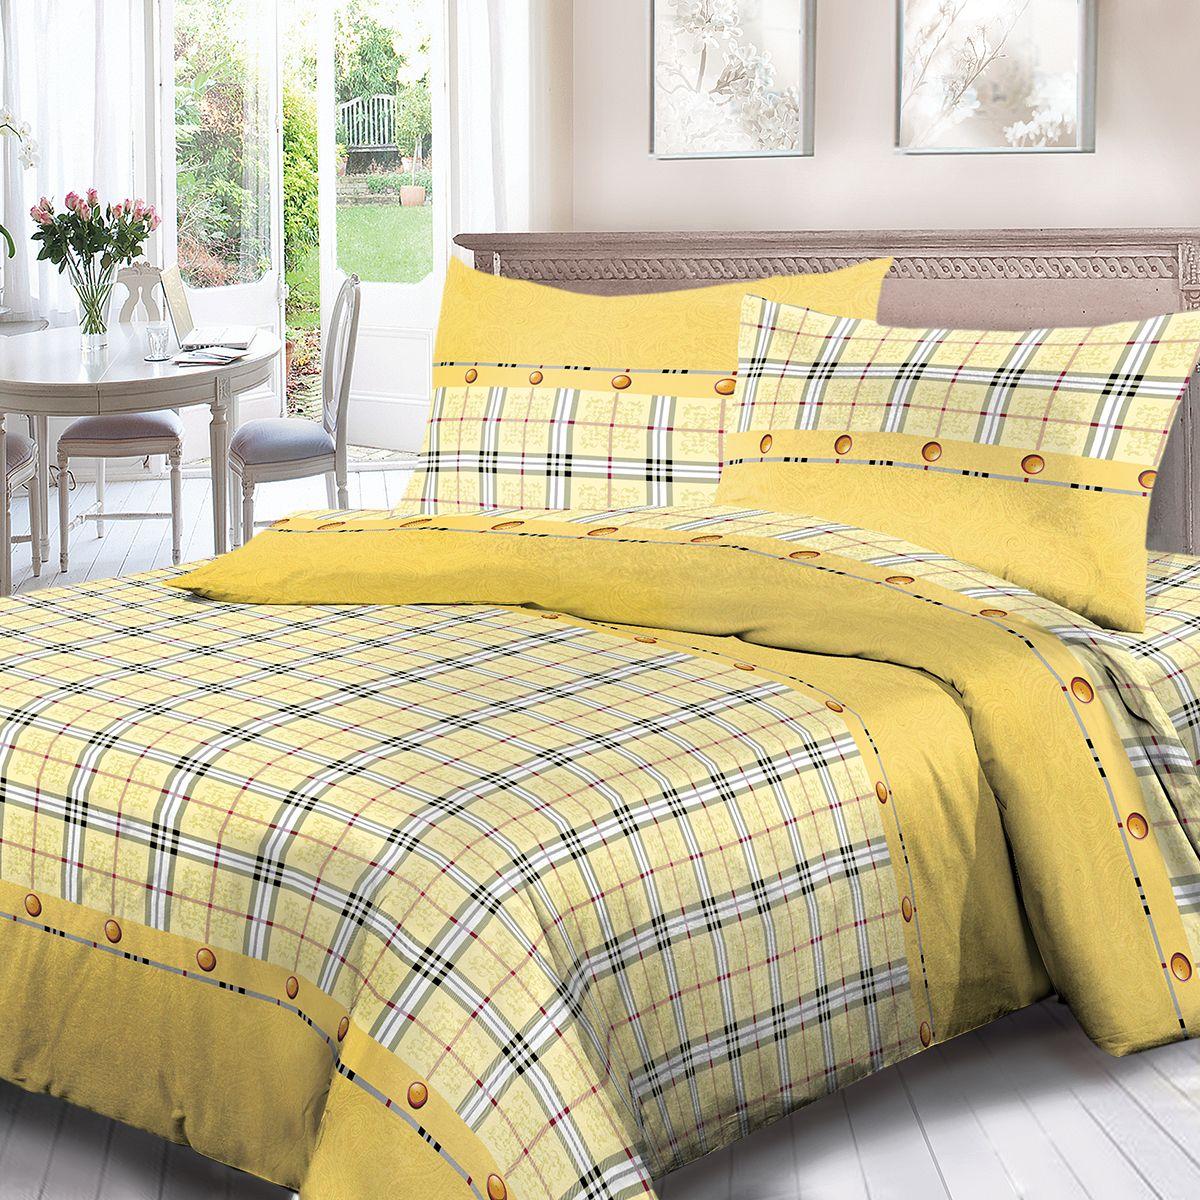 Комплект белья Для Снов Килт, 1,5 спальное, наволочки 70x70, цвет: желтый. 1909-181963